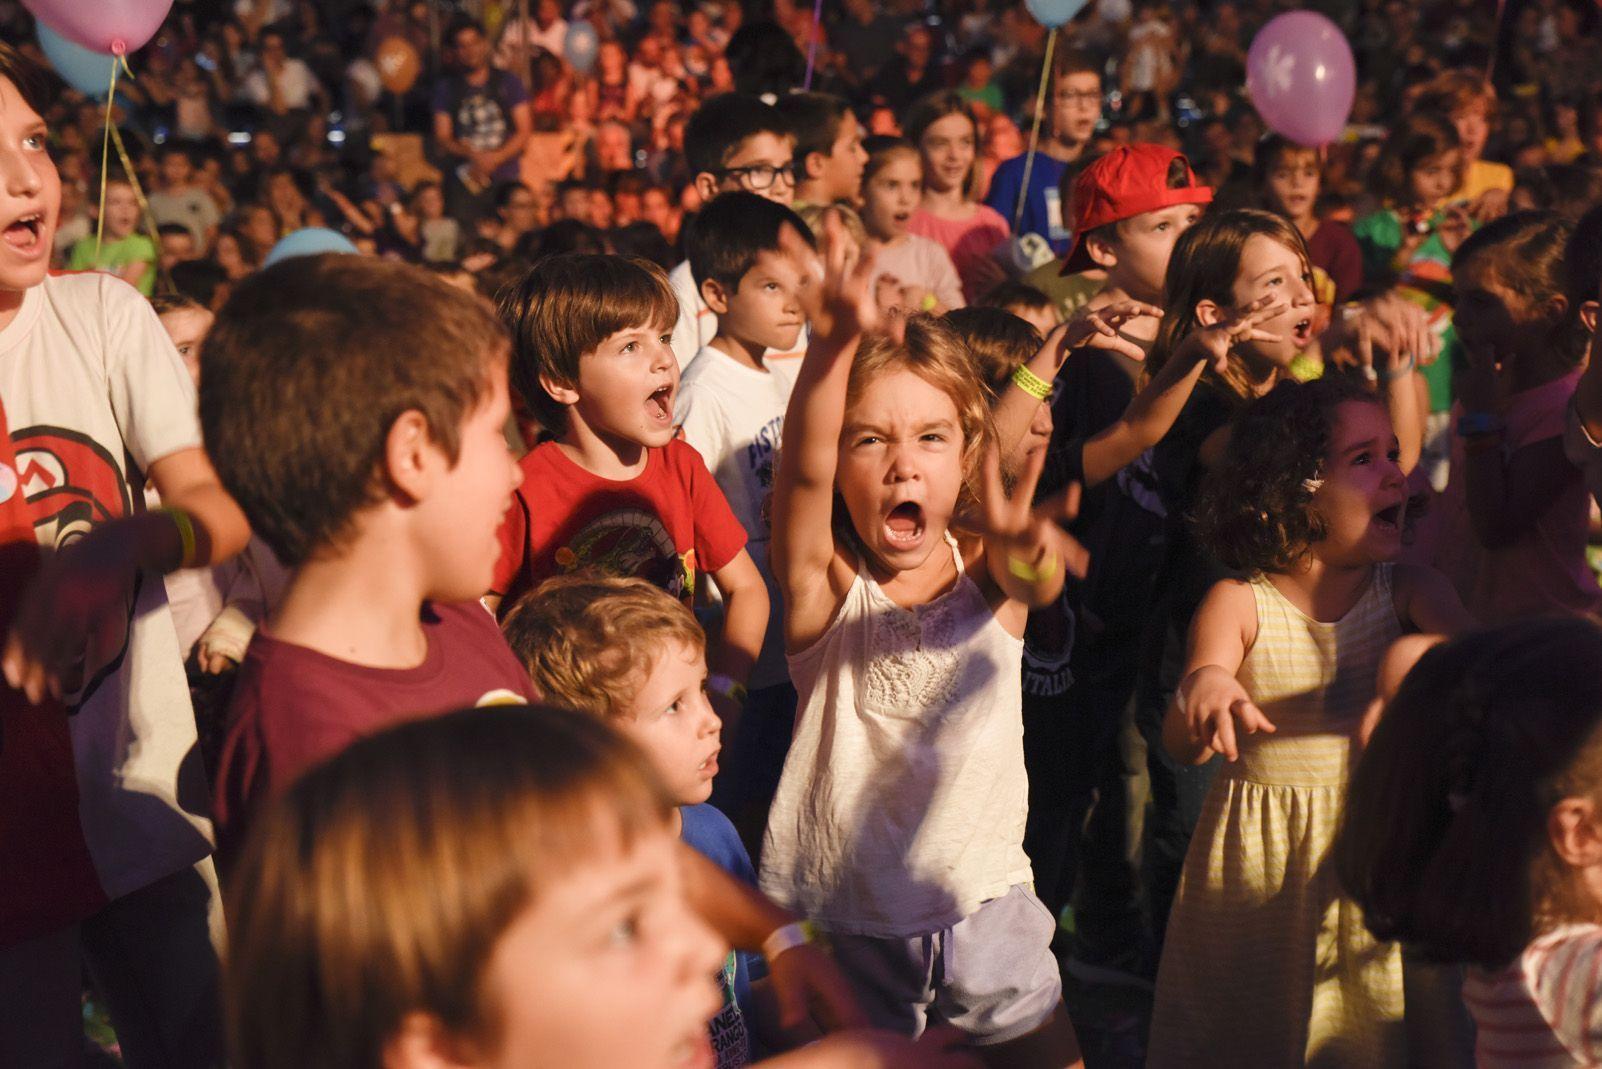 El Pot Petit al Festival de Música Petits Camaleons. Foto: Bernat Millet.